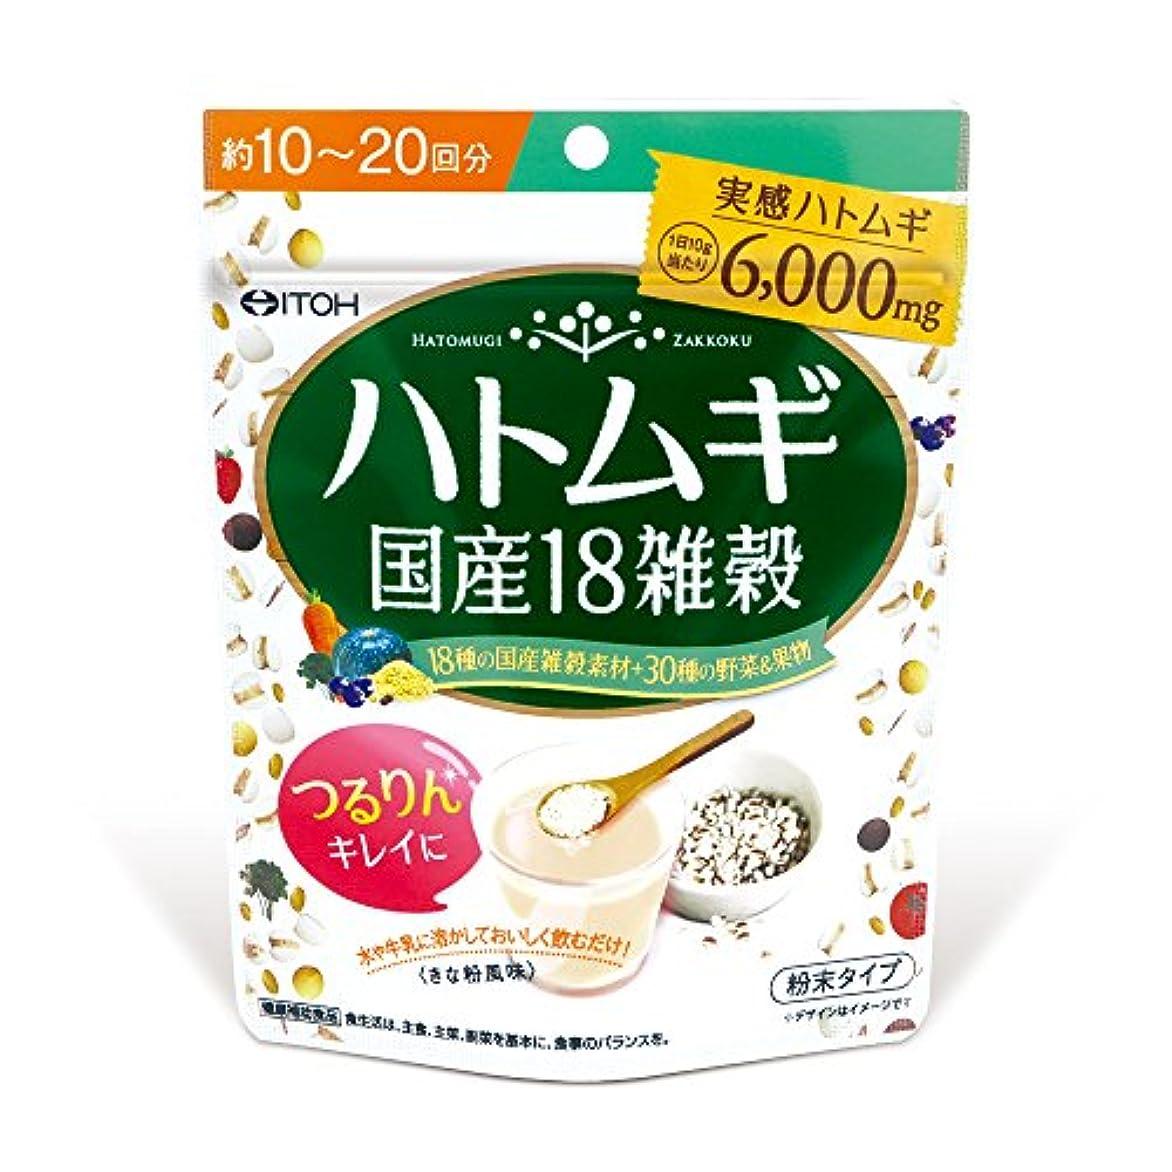 備品マウスピース市民権井藤漢方製薬 ハトムギ国産18雑穀 100g